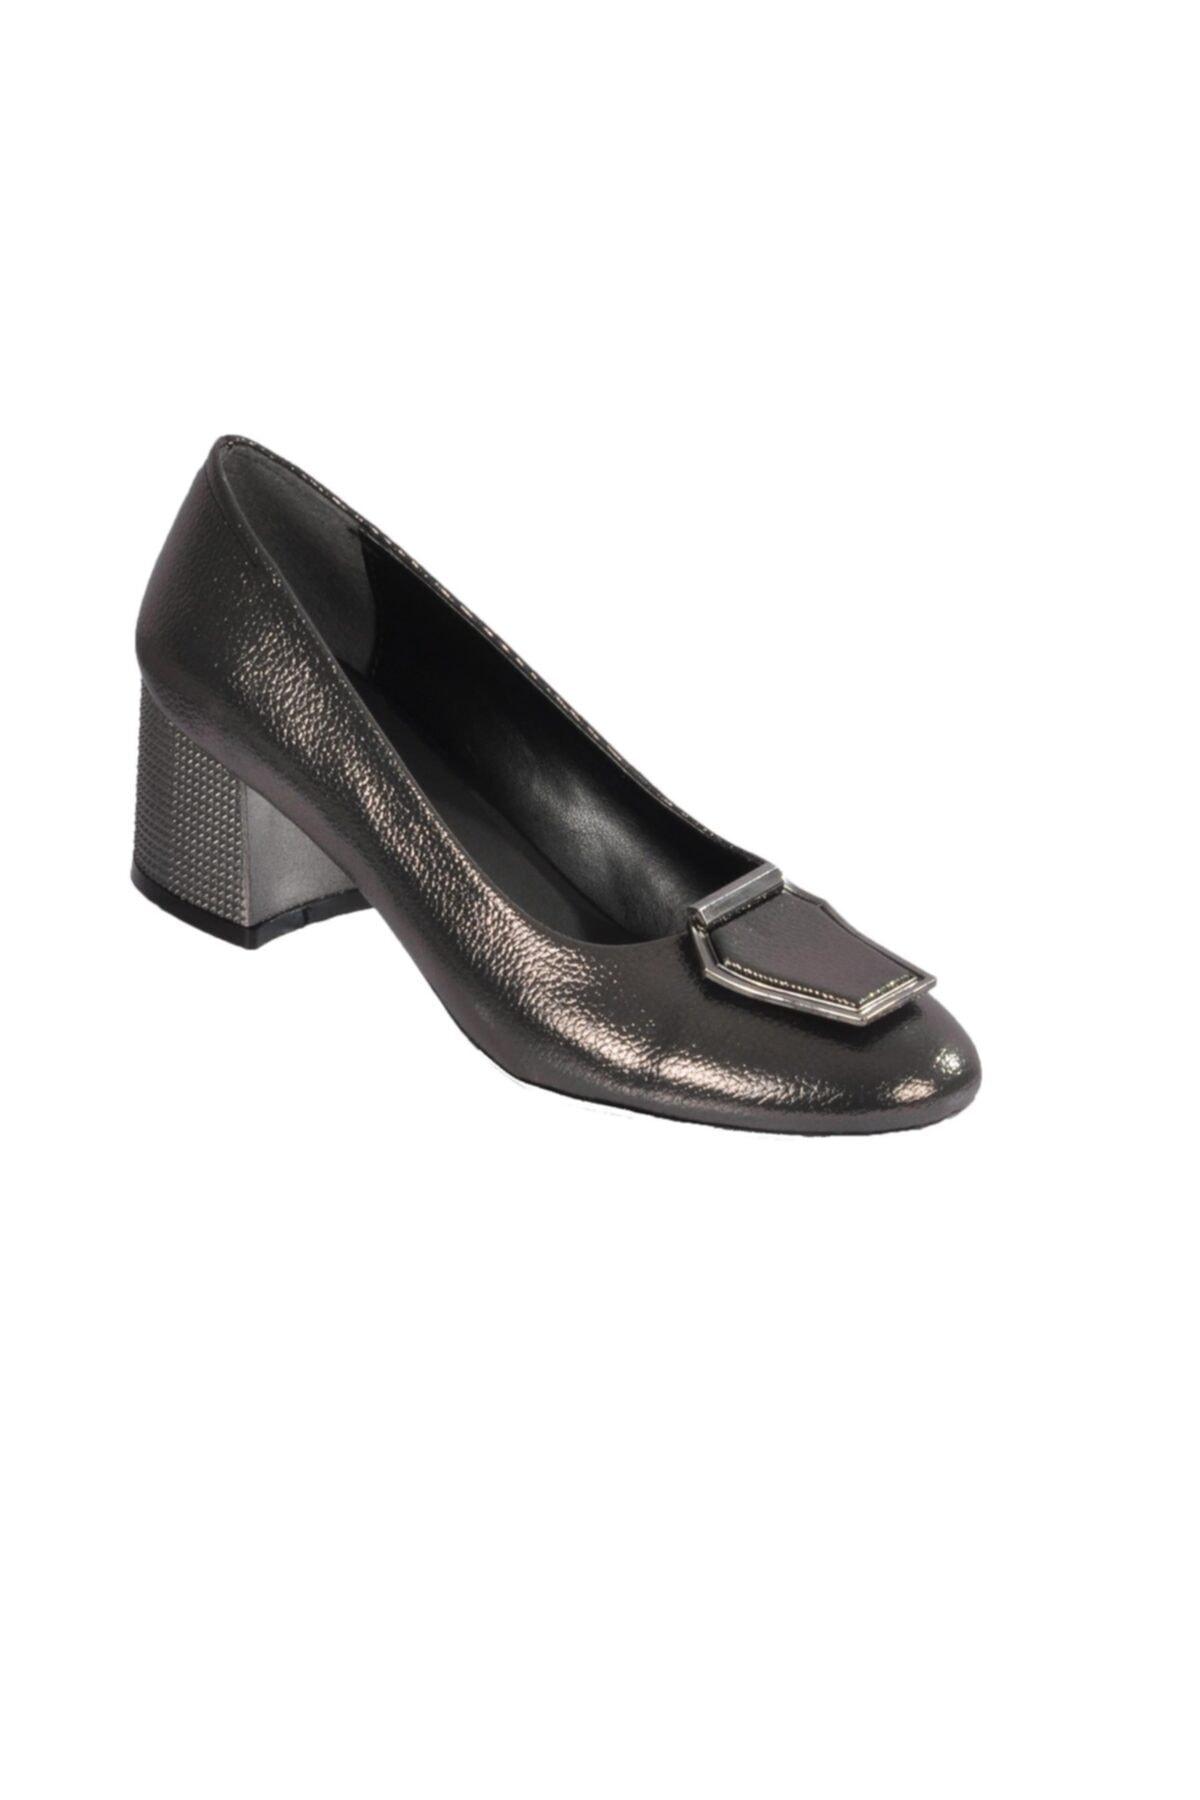 Maje 2122 Platin Kadın Topuklu Ayakkabı 1